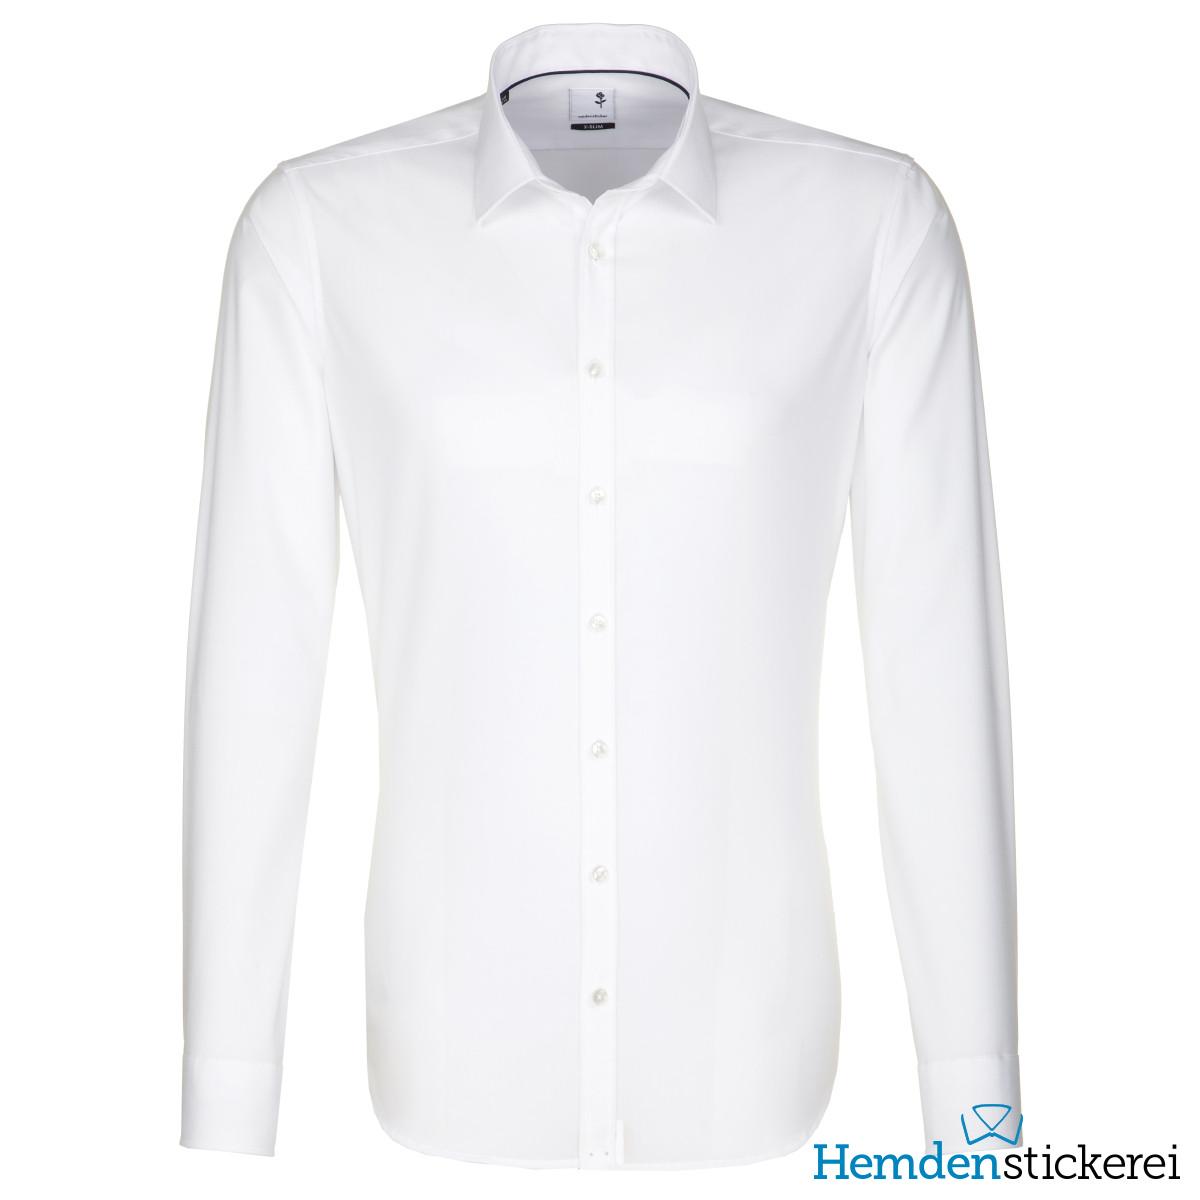 ... Seidensticker Herren Hemd X-SLIM 1/1 Arm Kent-Kragen bügelfrei Weiß  Seite zurück. inkl. Stick. lightbox